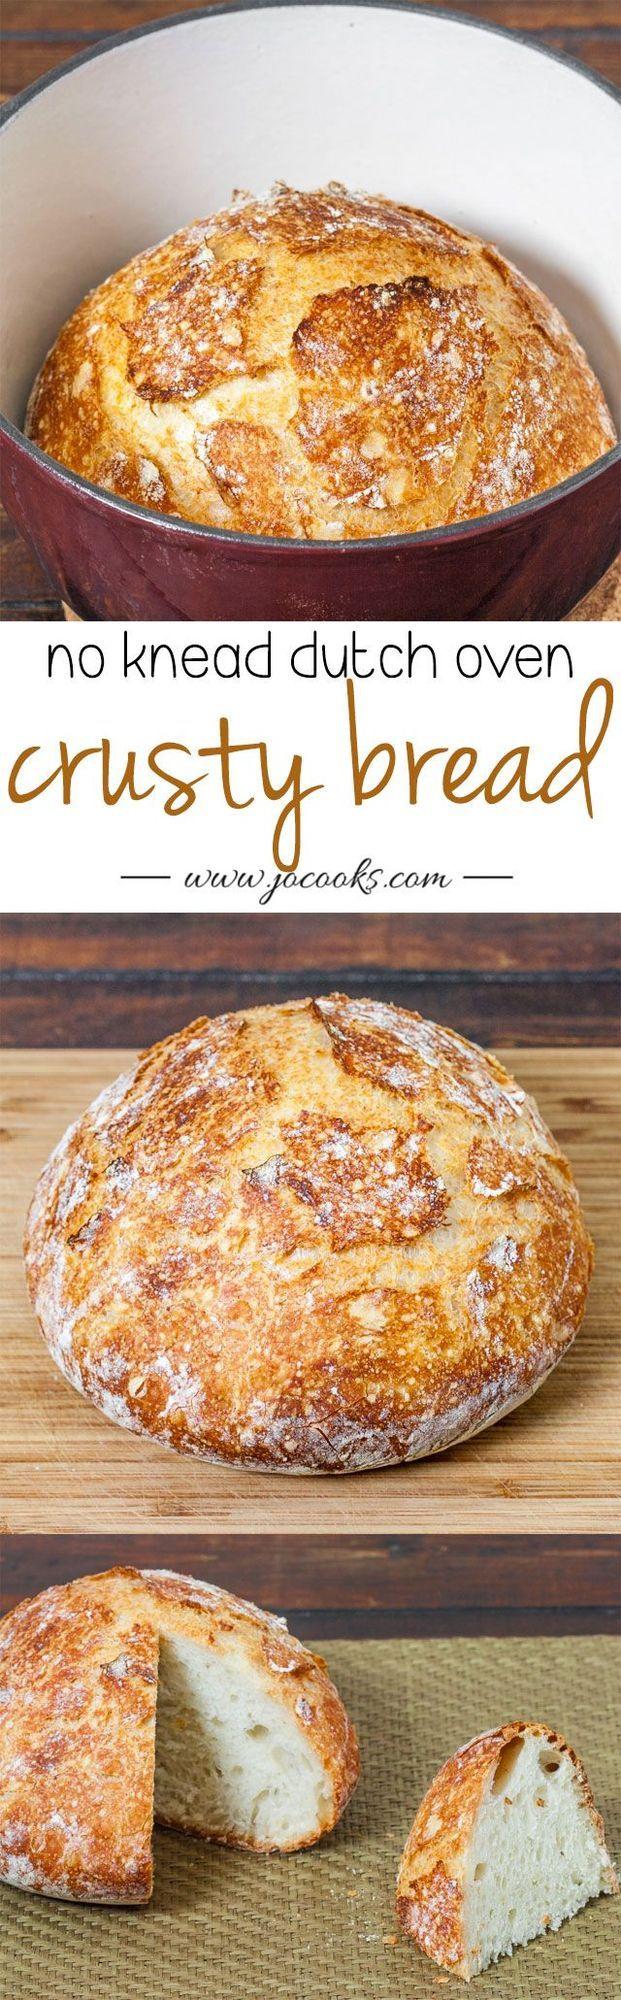 Hier in ons gezin zijn we echte brood-eters :) Ik bedoel dan eigenlijk echt goed, lekker brood, soms moeilijk te vinden. Ons broodmachientje is al het tweede en staat geregeld aan. De ene keer voor ee